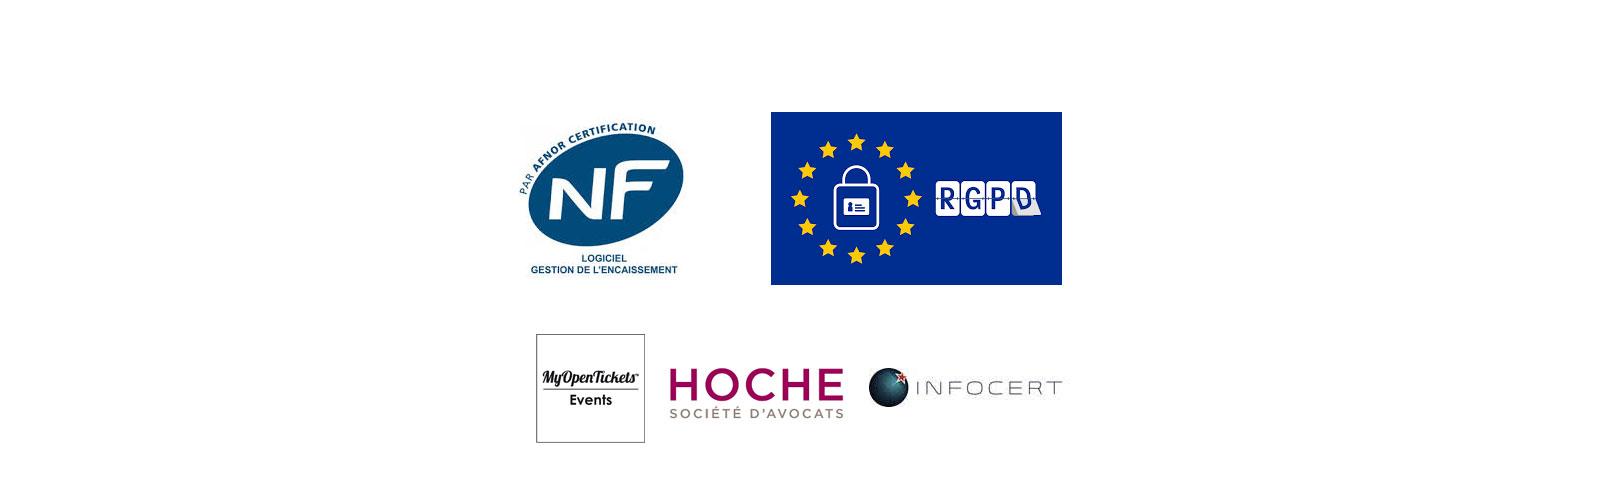 mot-infocert-hoche-avocat-nf525-rgpd